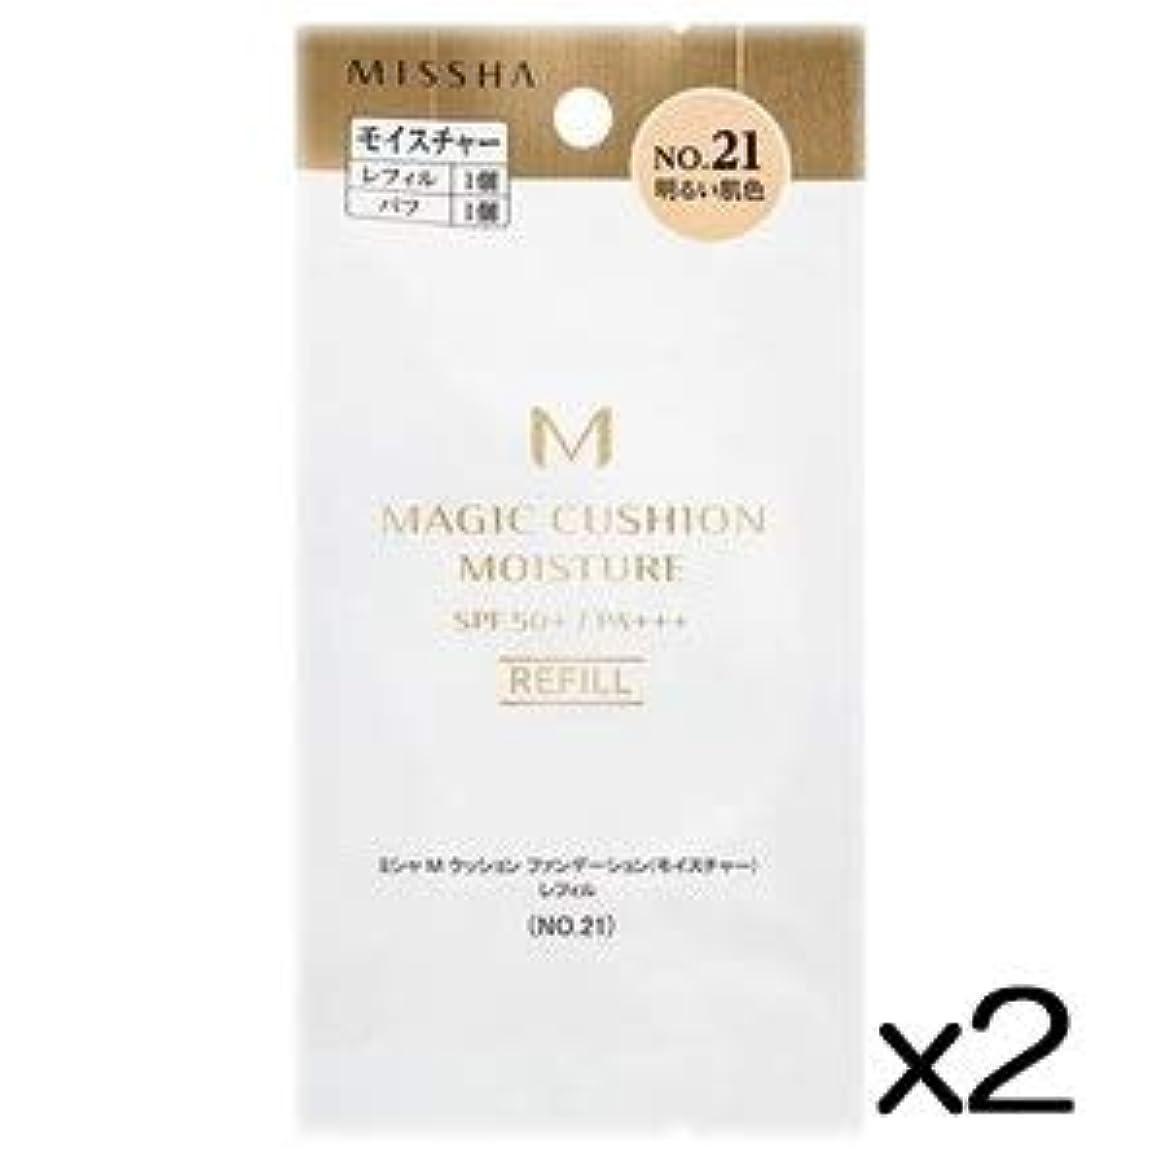 キャッチマティス寝るミシャ M クッション ファンデーション (モイスチャー) No.21 明るい肌色 レフィル 15g×2個セット